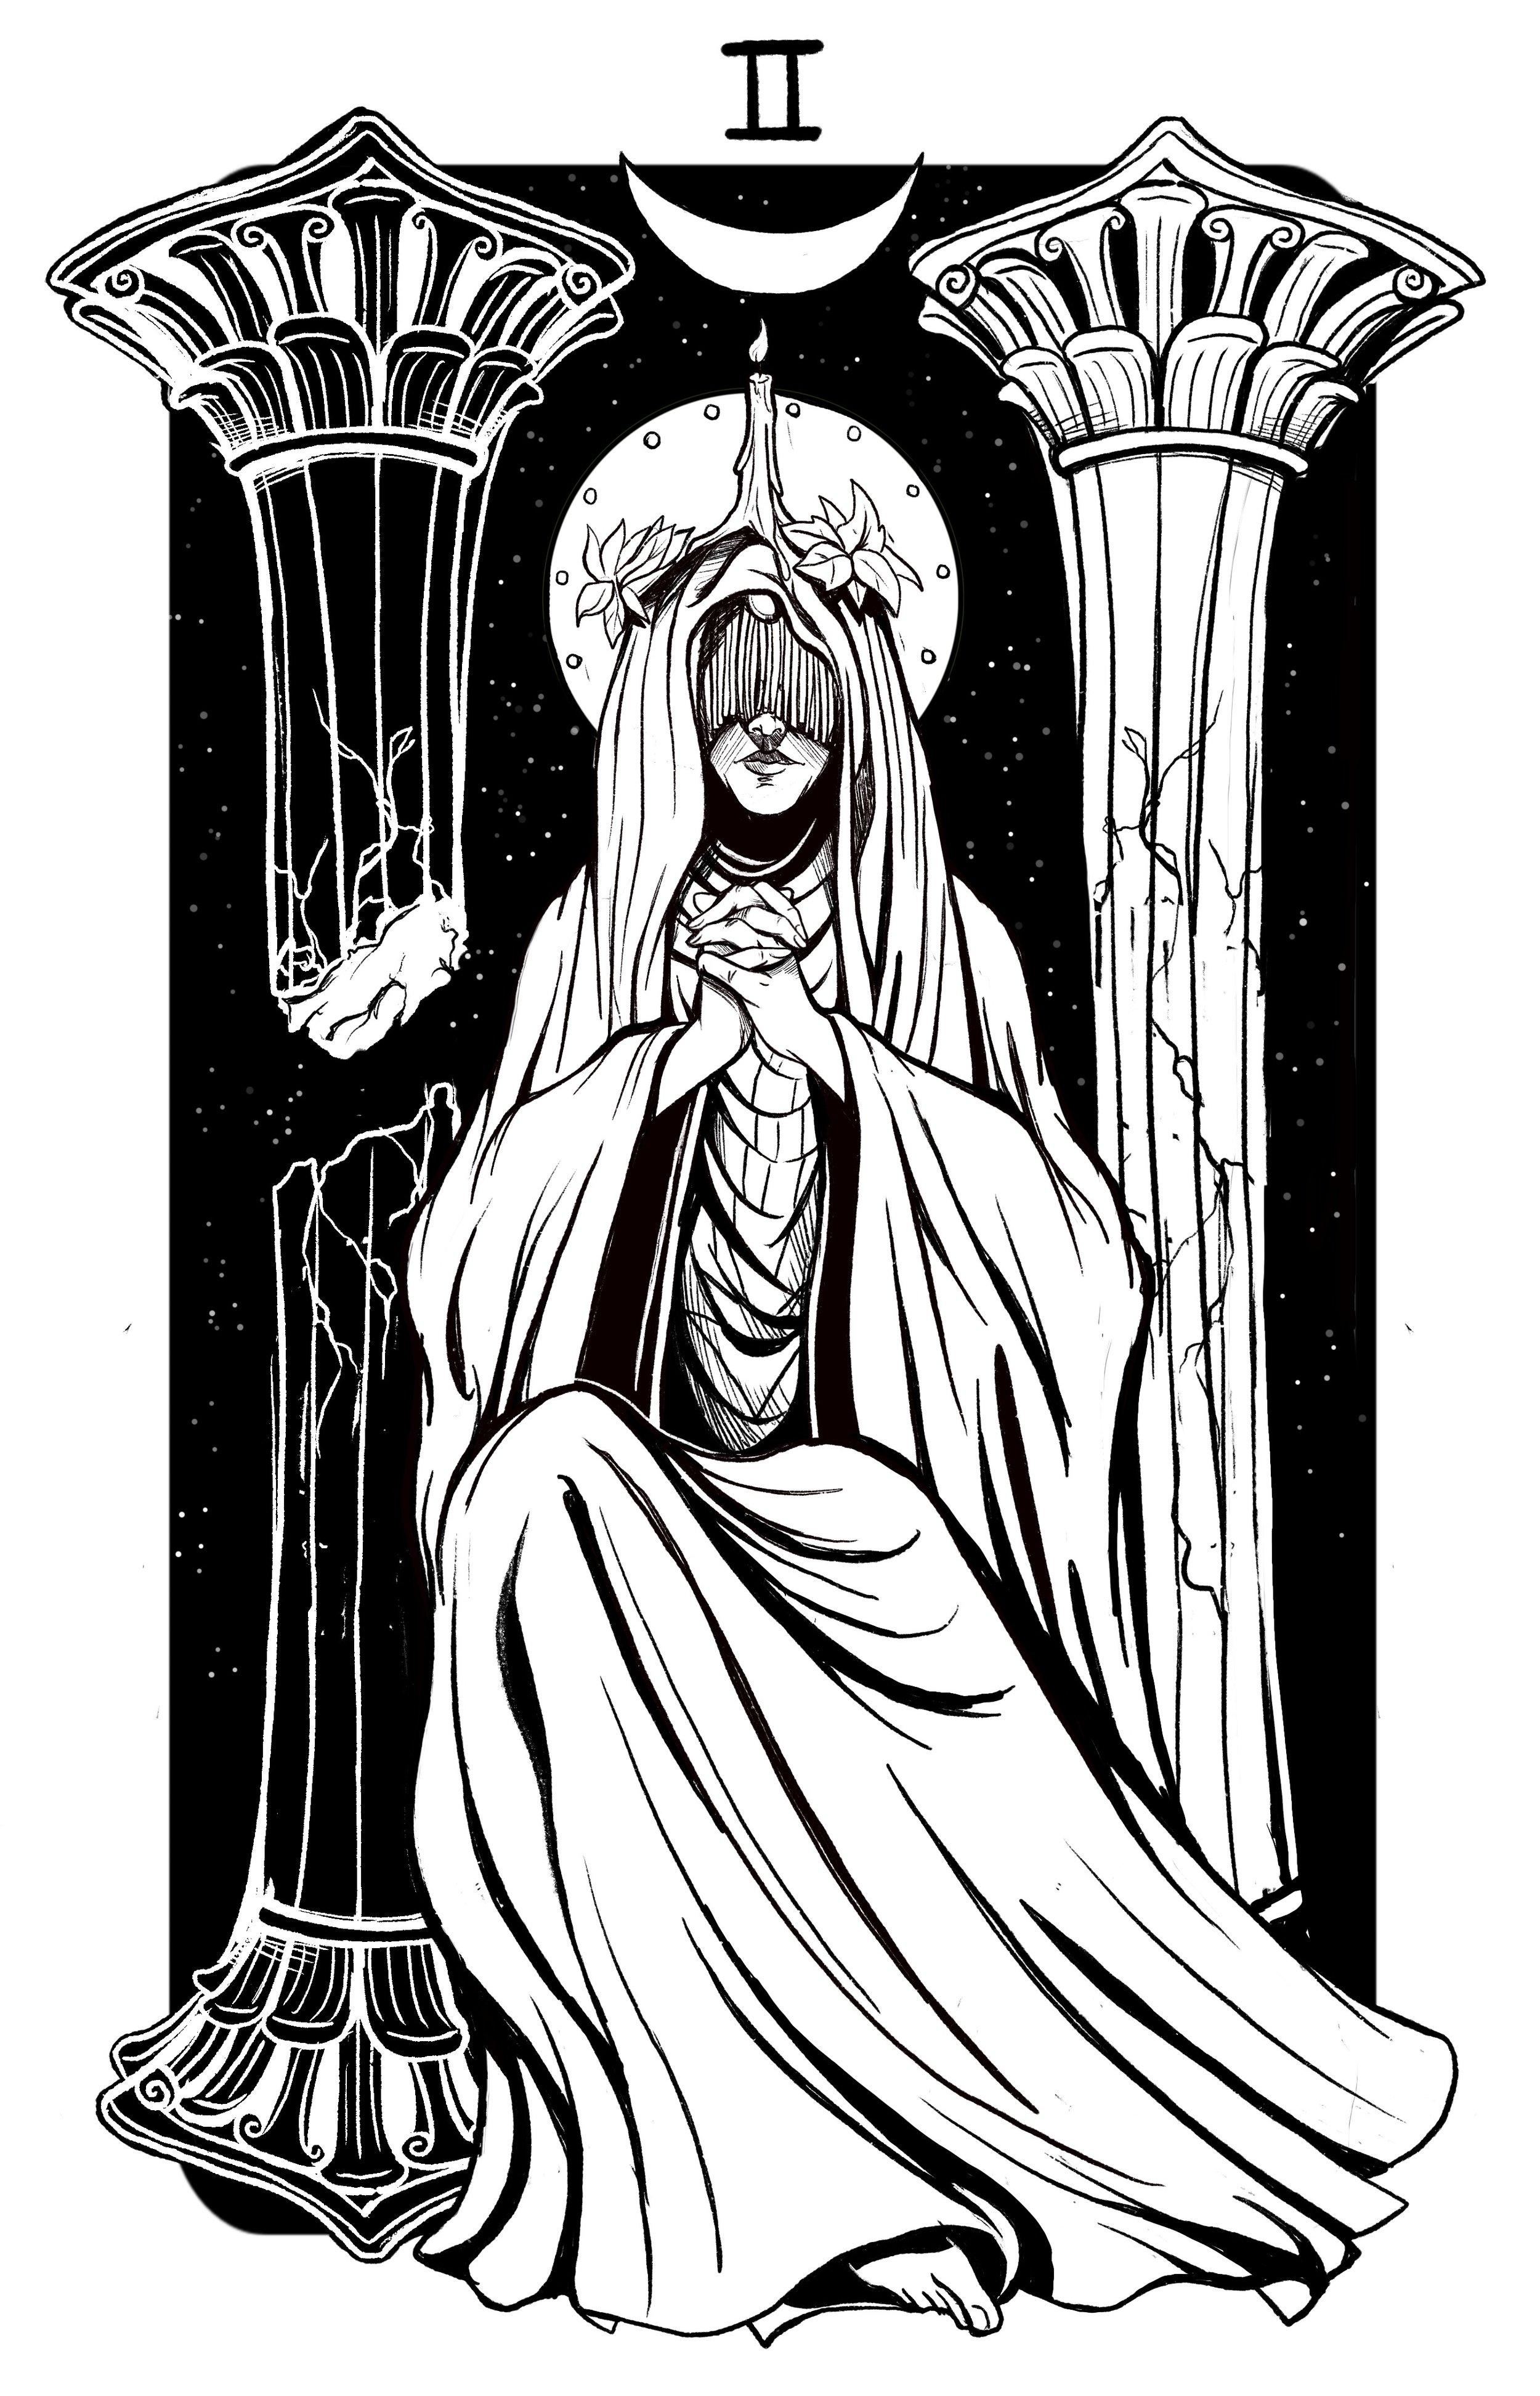 Major Arcana II: The High Priestess